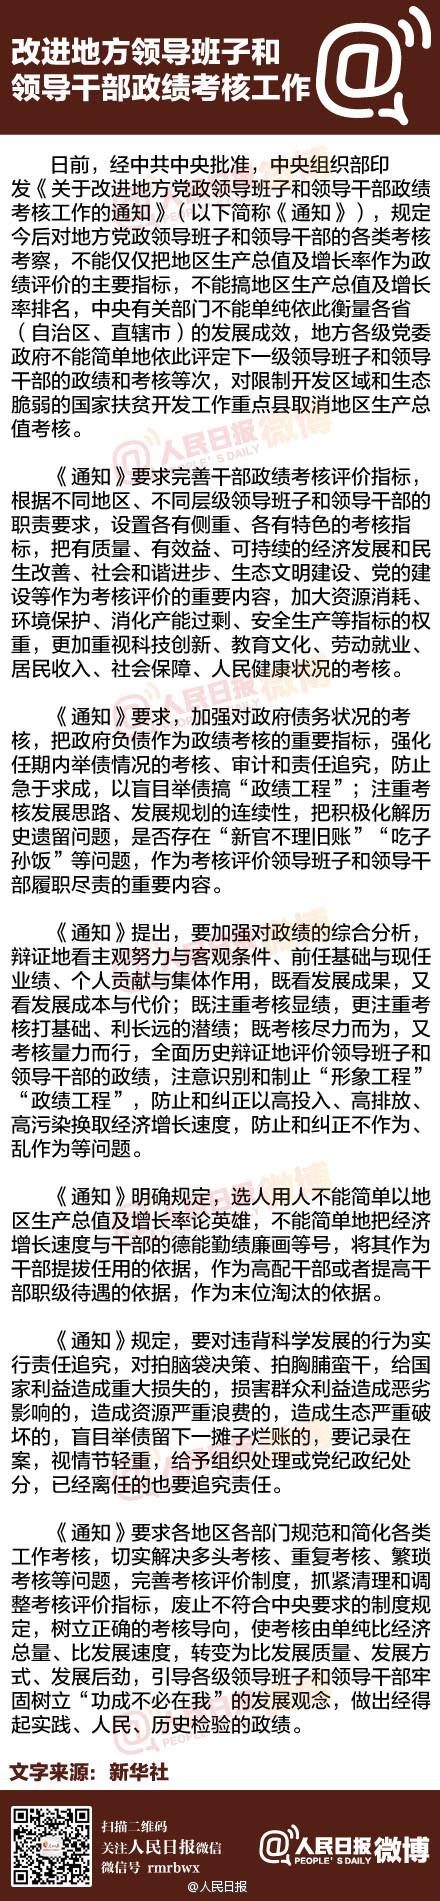 中组部如何选人? - 习金萍 - 【中国梦 】 空谈误国,实干兴邦